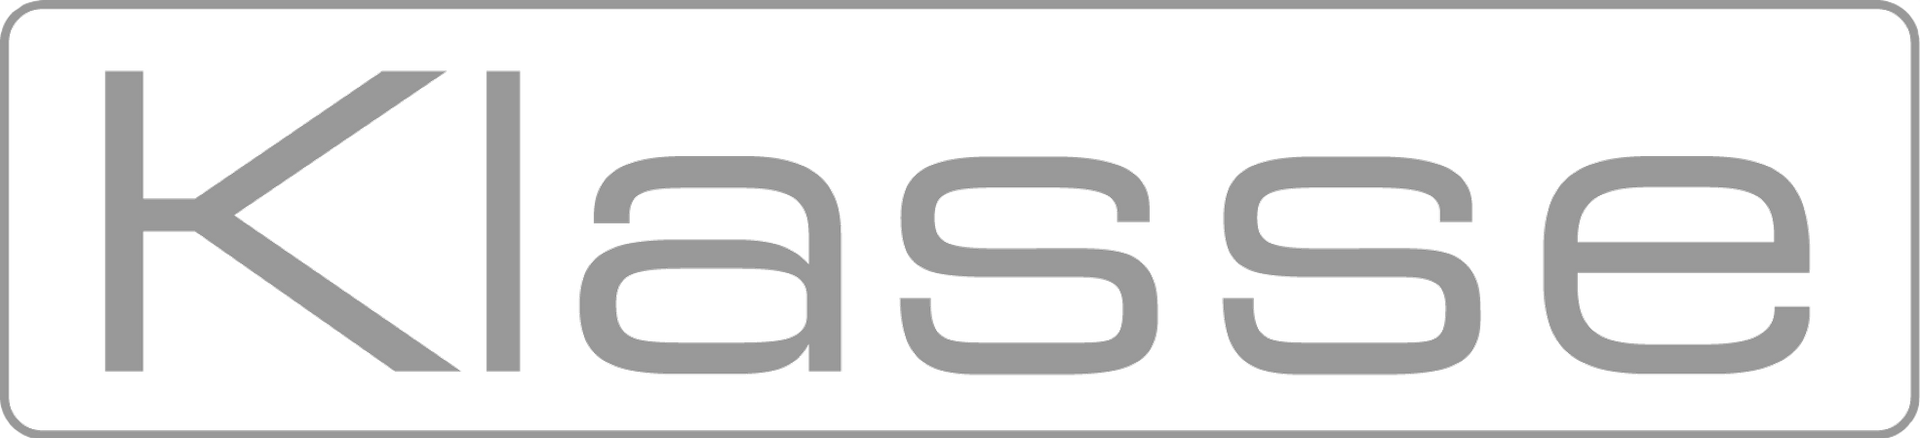 Klasse logo (no white) - Copy.png